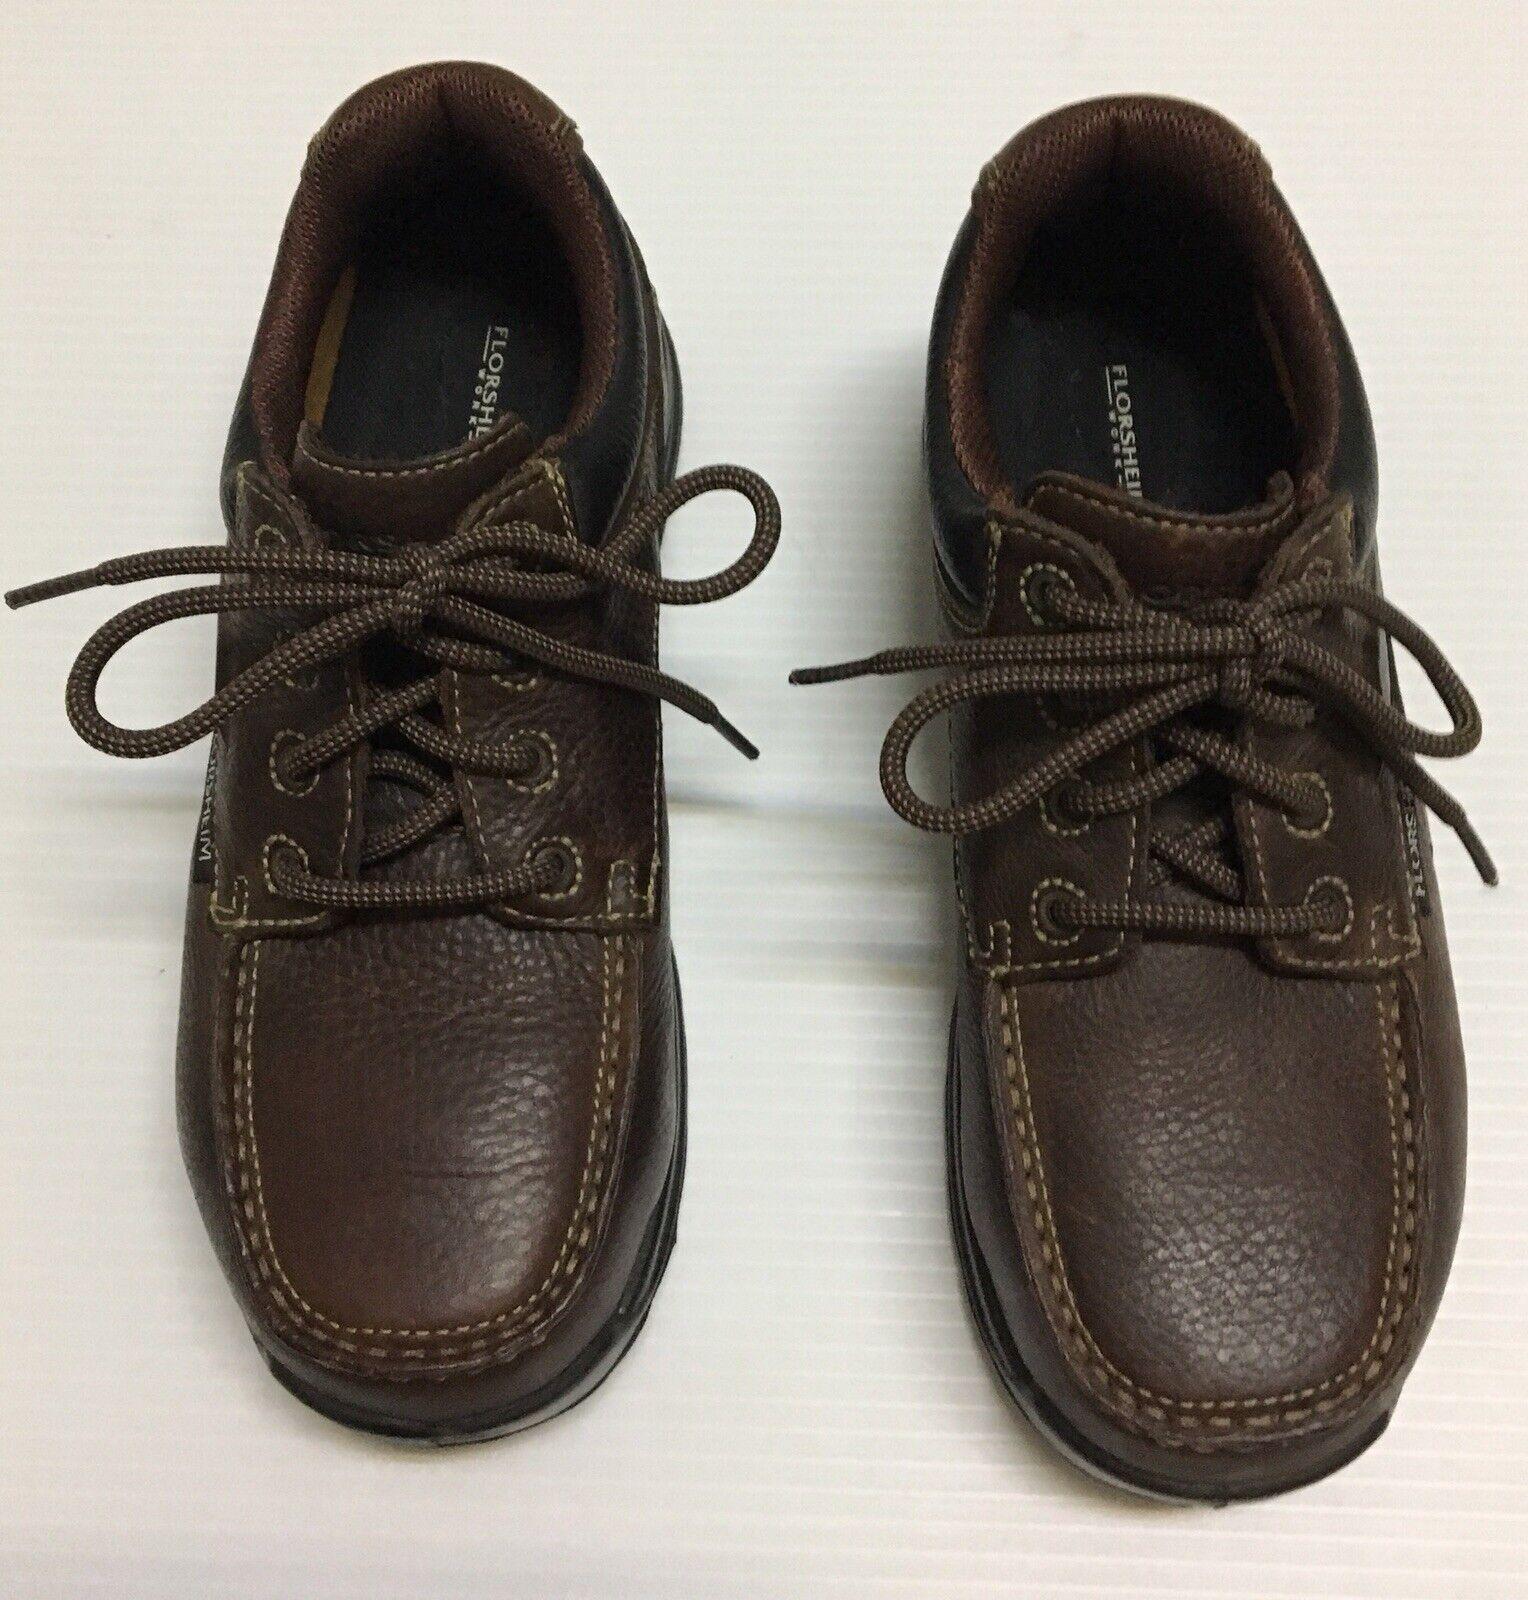 Florsheim Work Brown Leather Men's shoes, Composite Toe Oil Slip Resisting Sz 9D